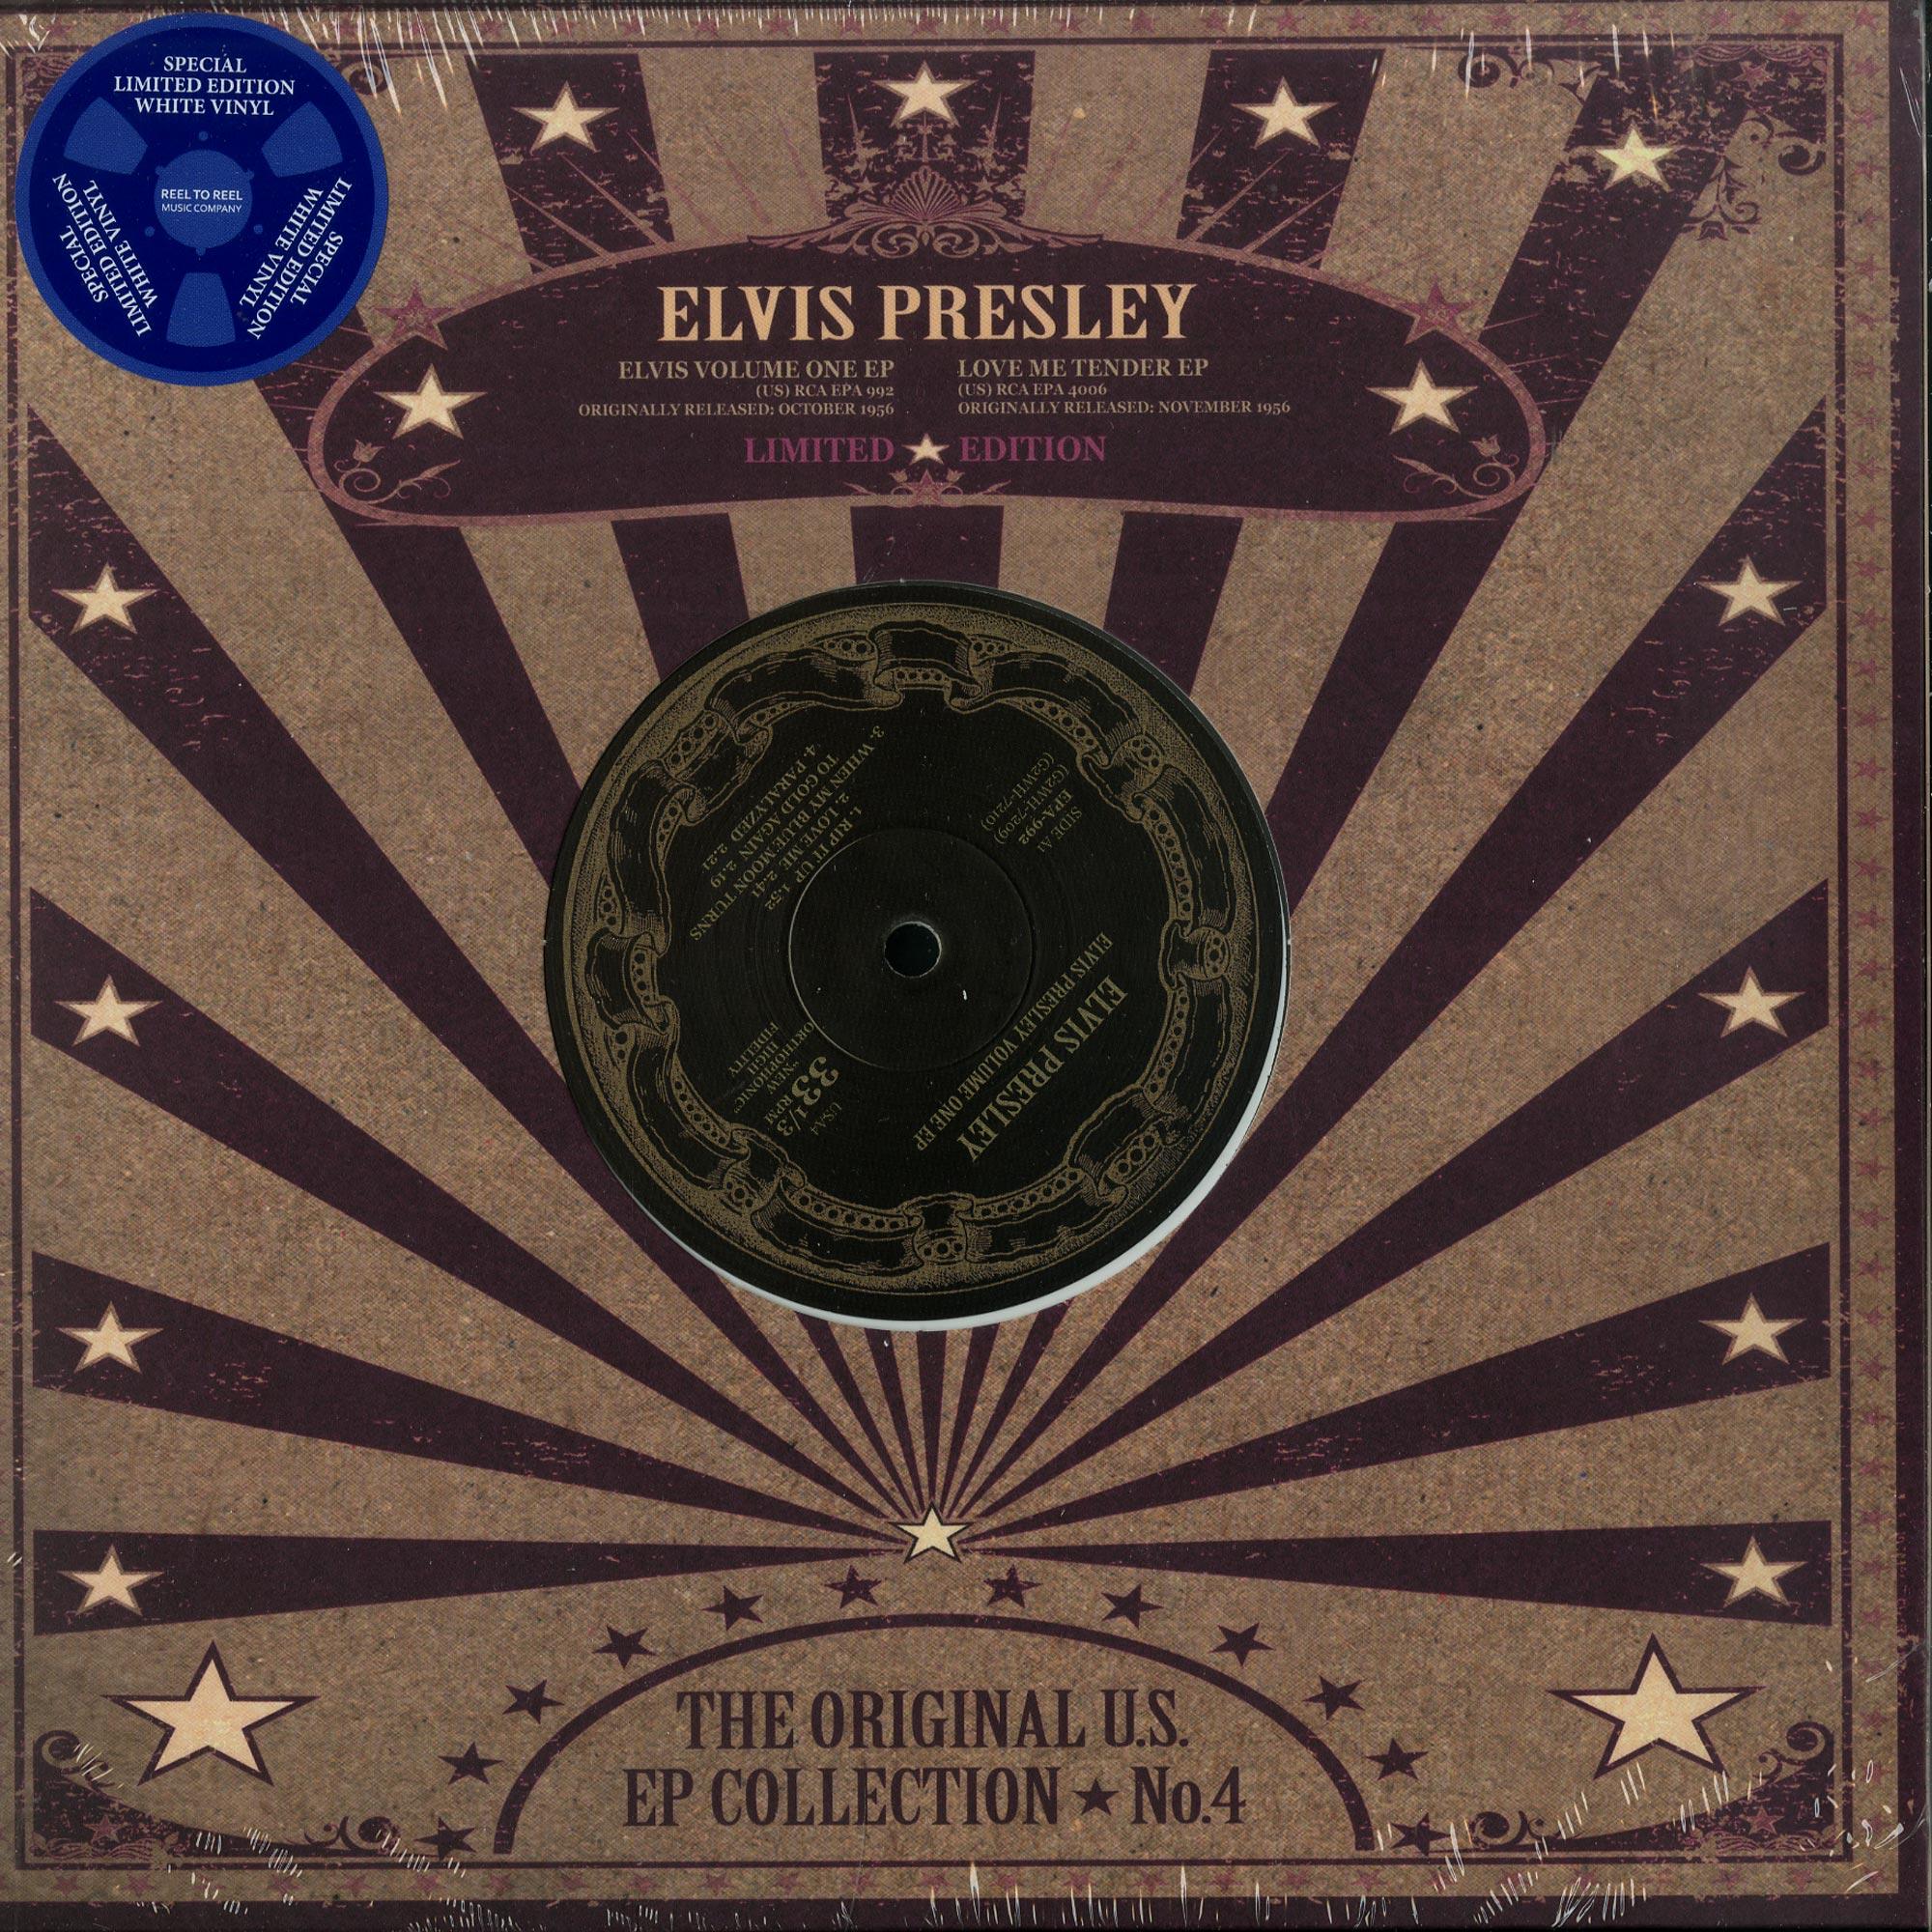 Elvis Presley - US EP COLLECTION VOL.4